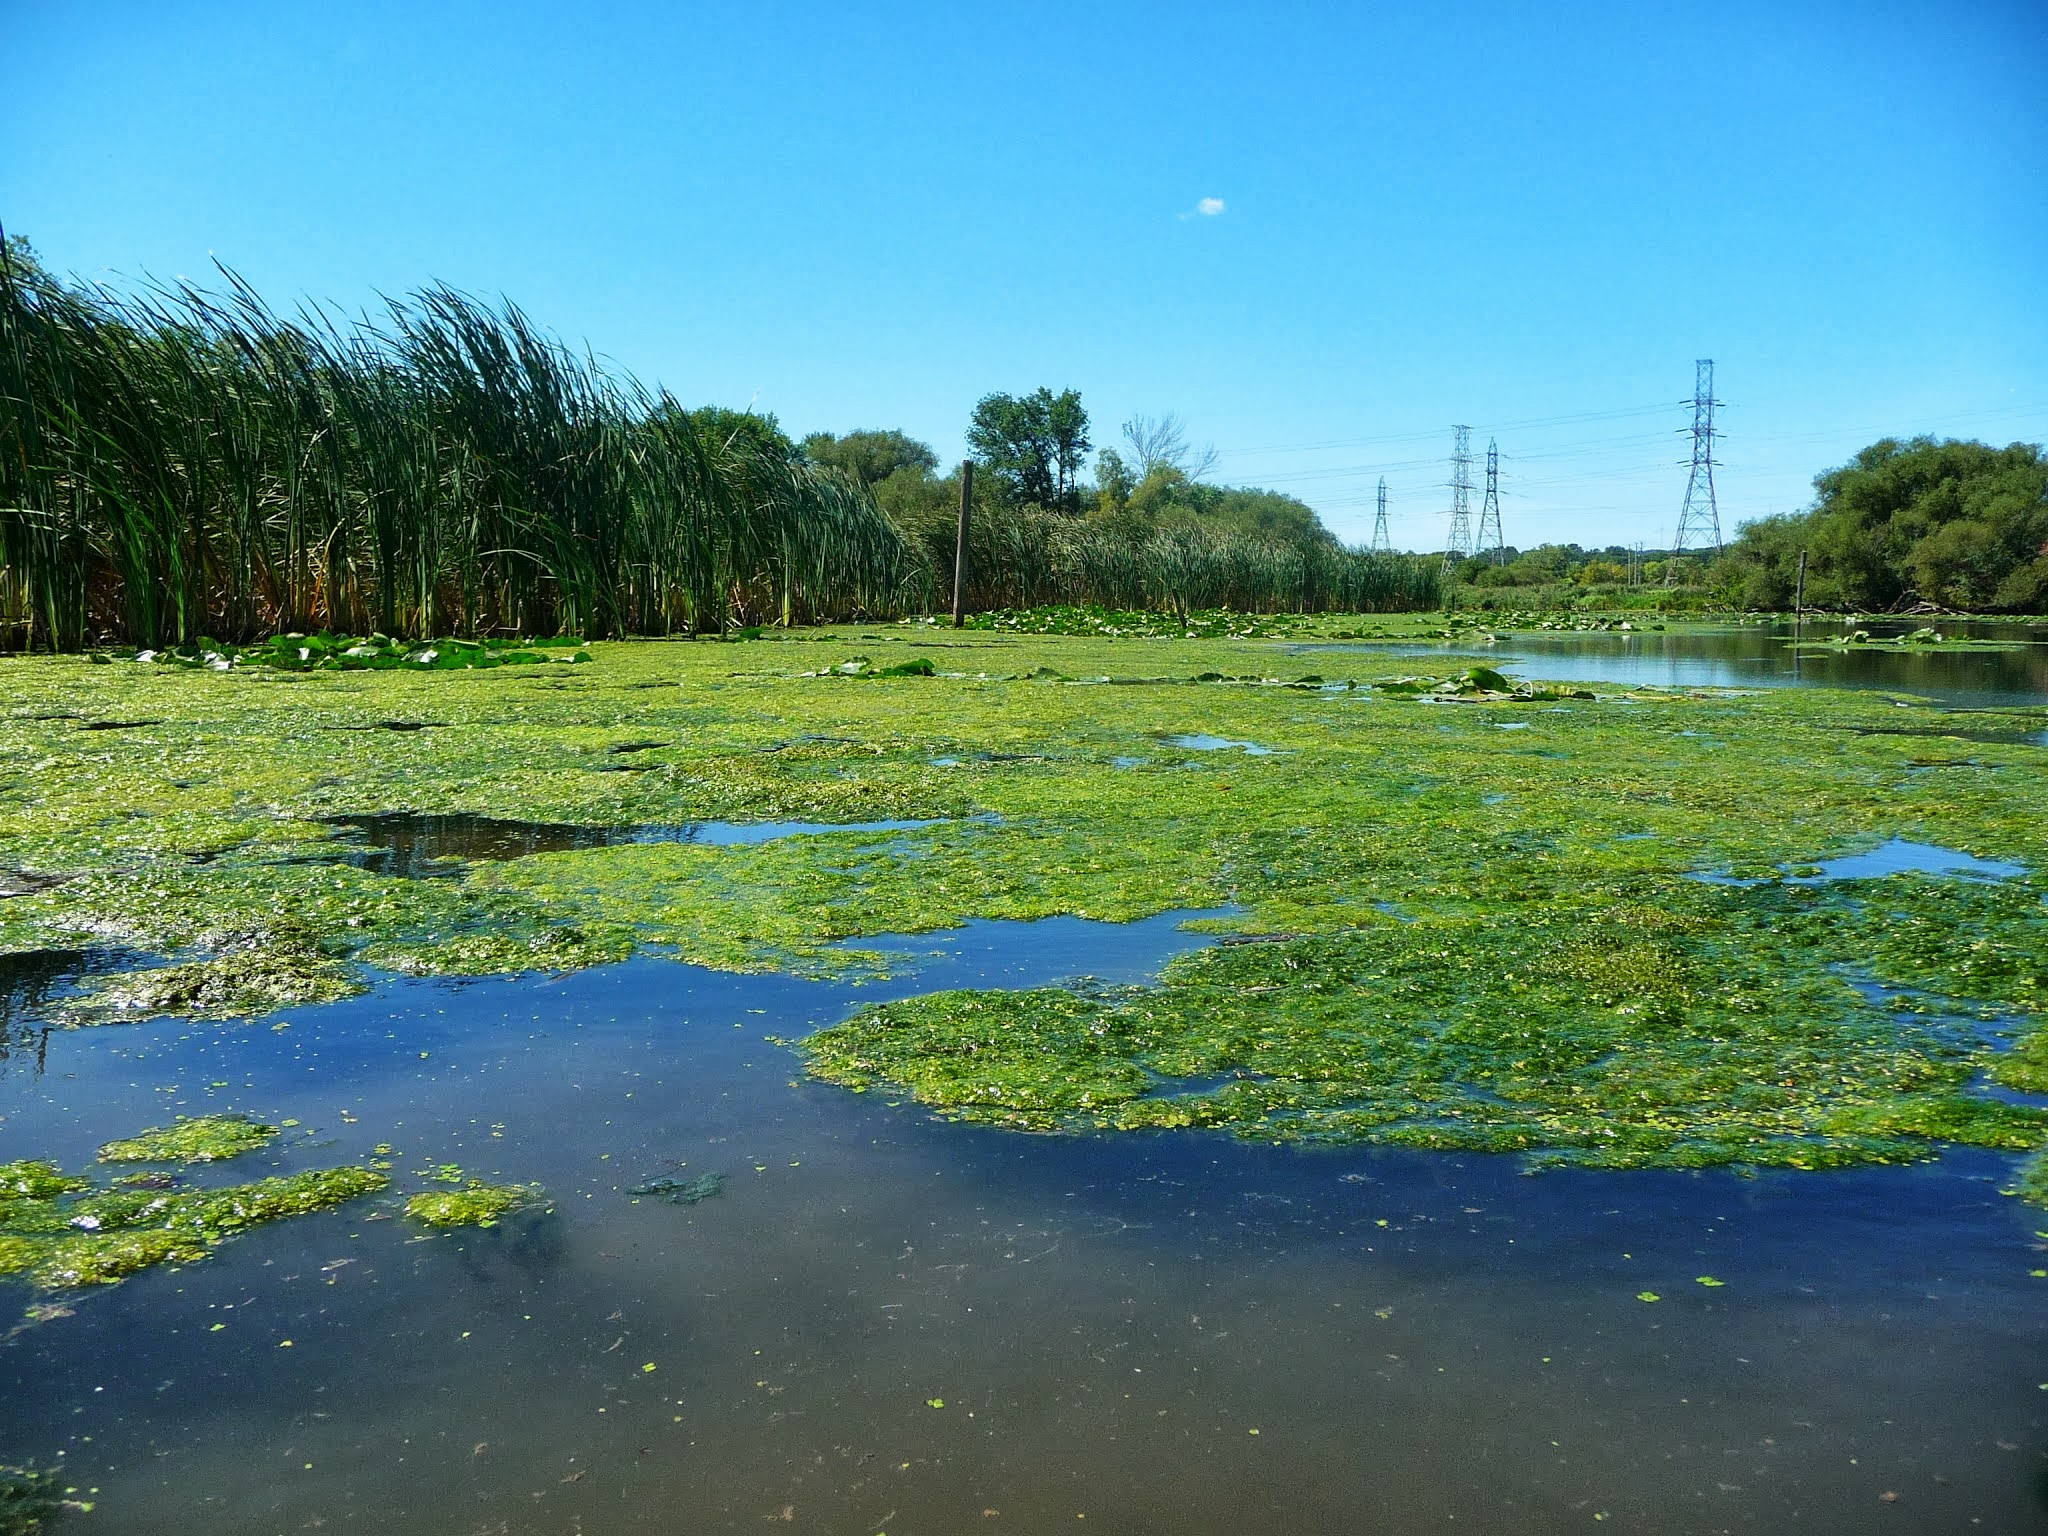 algae in Canadian waters